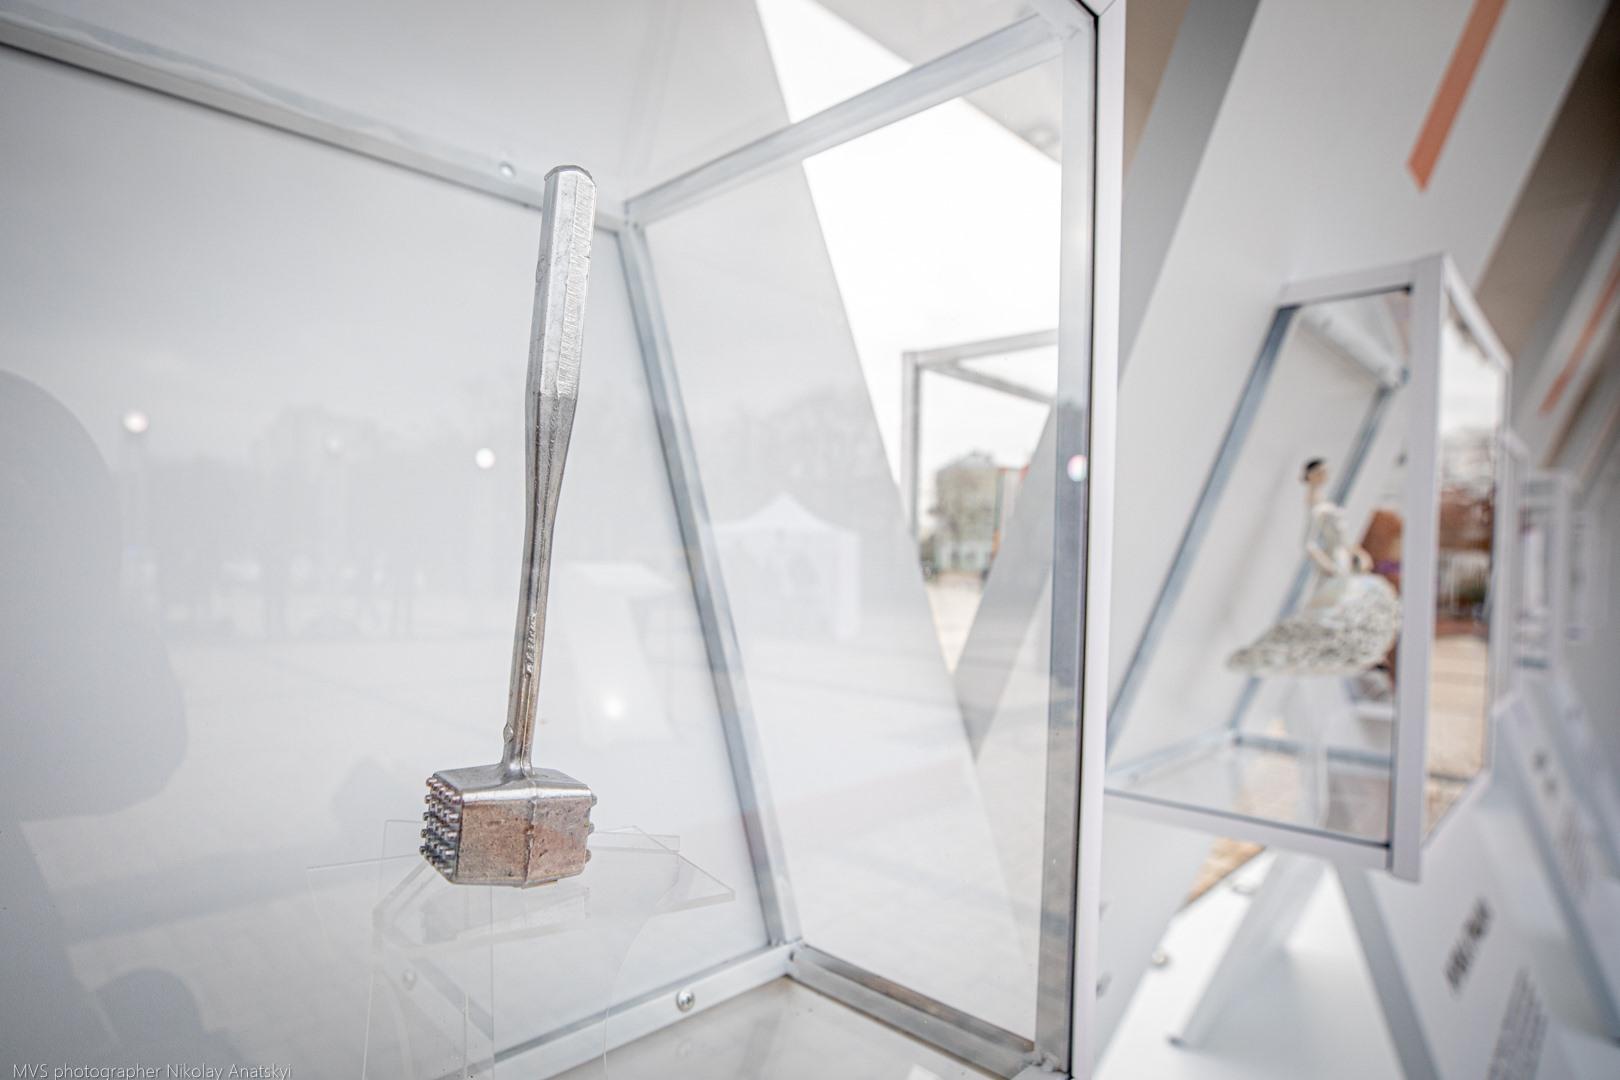 16 днів проти насильства: у Києві стартувала виставка «Річ у тім» - соціальний проект, соціальна реклама, жертви насильства, домашнє насильство, виставка - 127154342 292925042035387 1863989863354173417 n